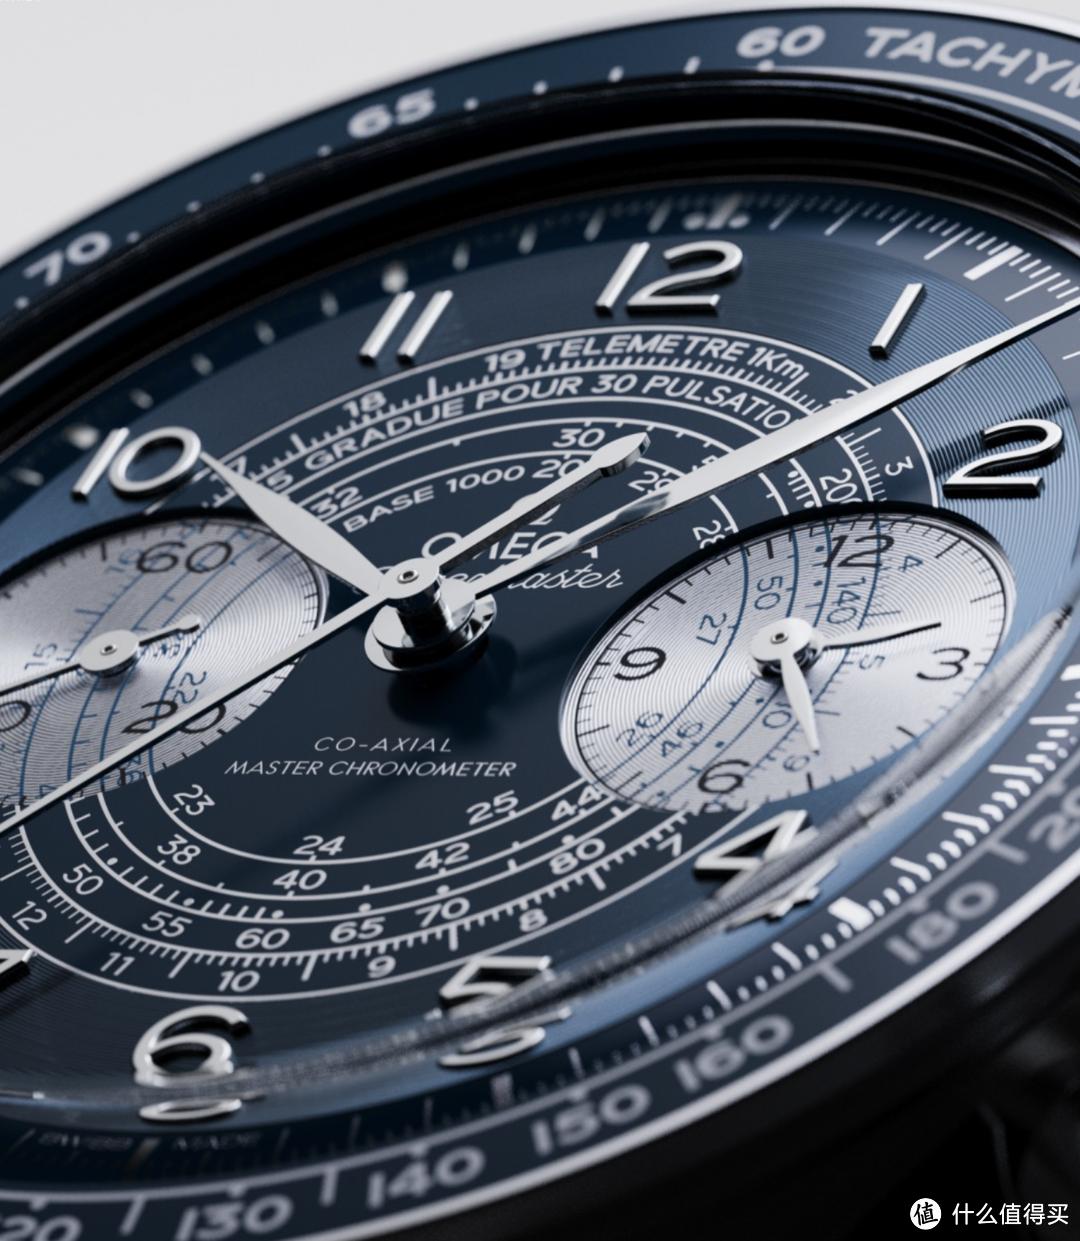 欧米茄推出全新超霸系列Chronoscope腕表